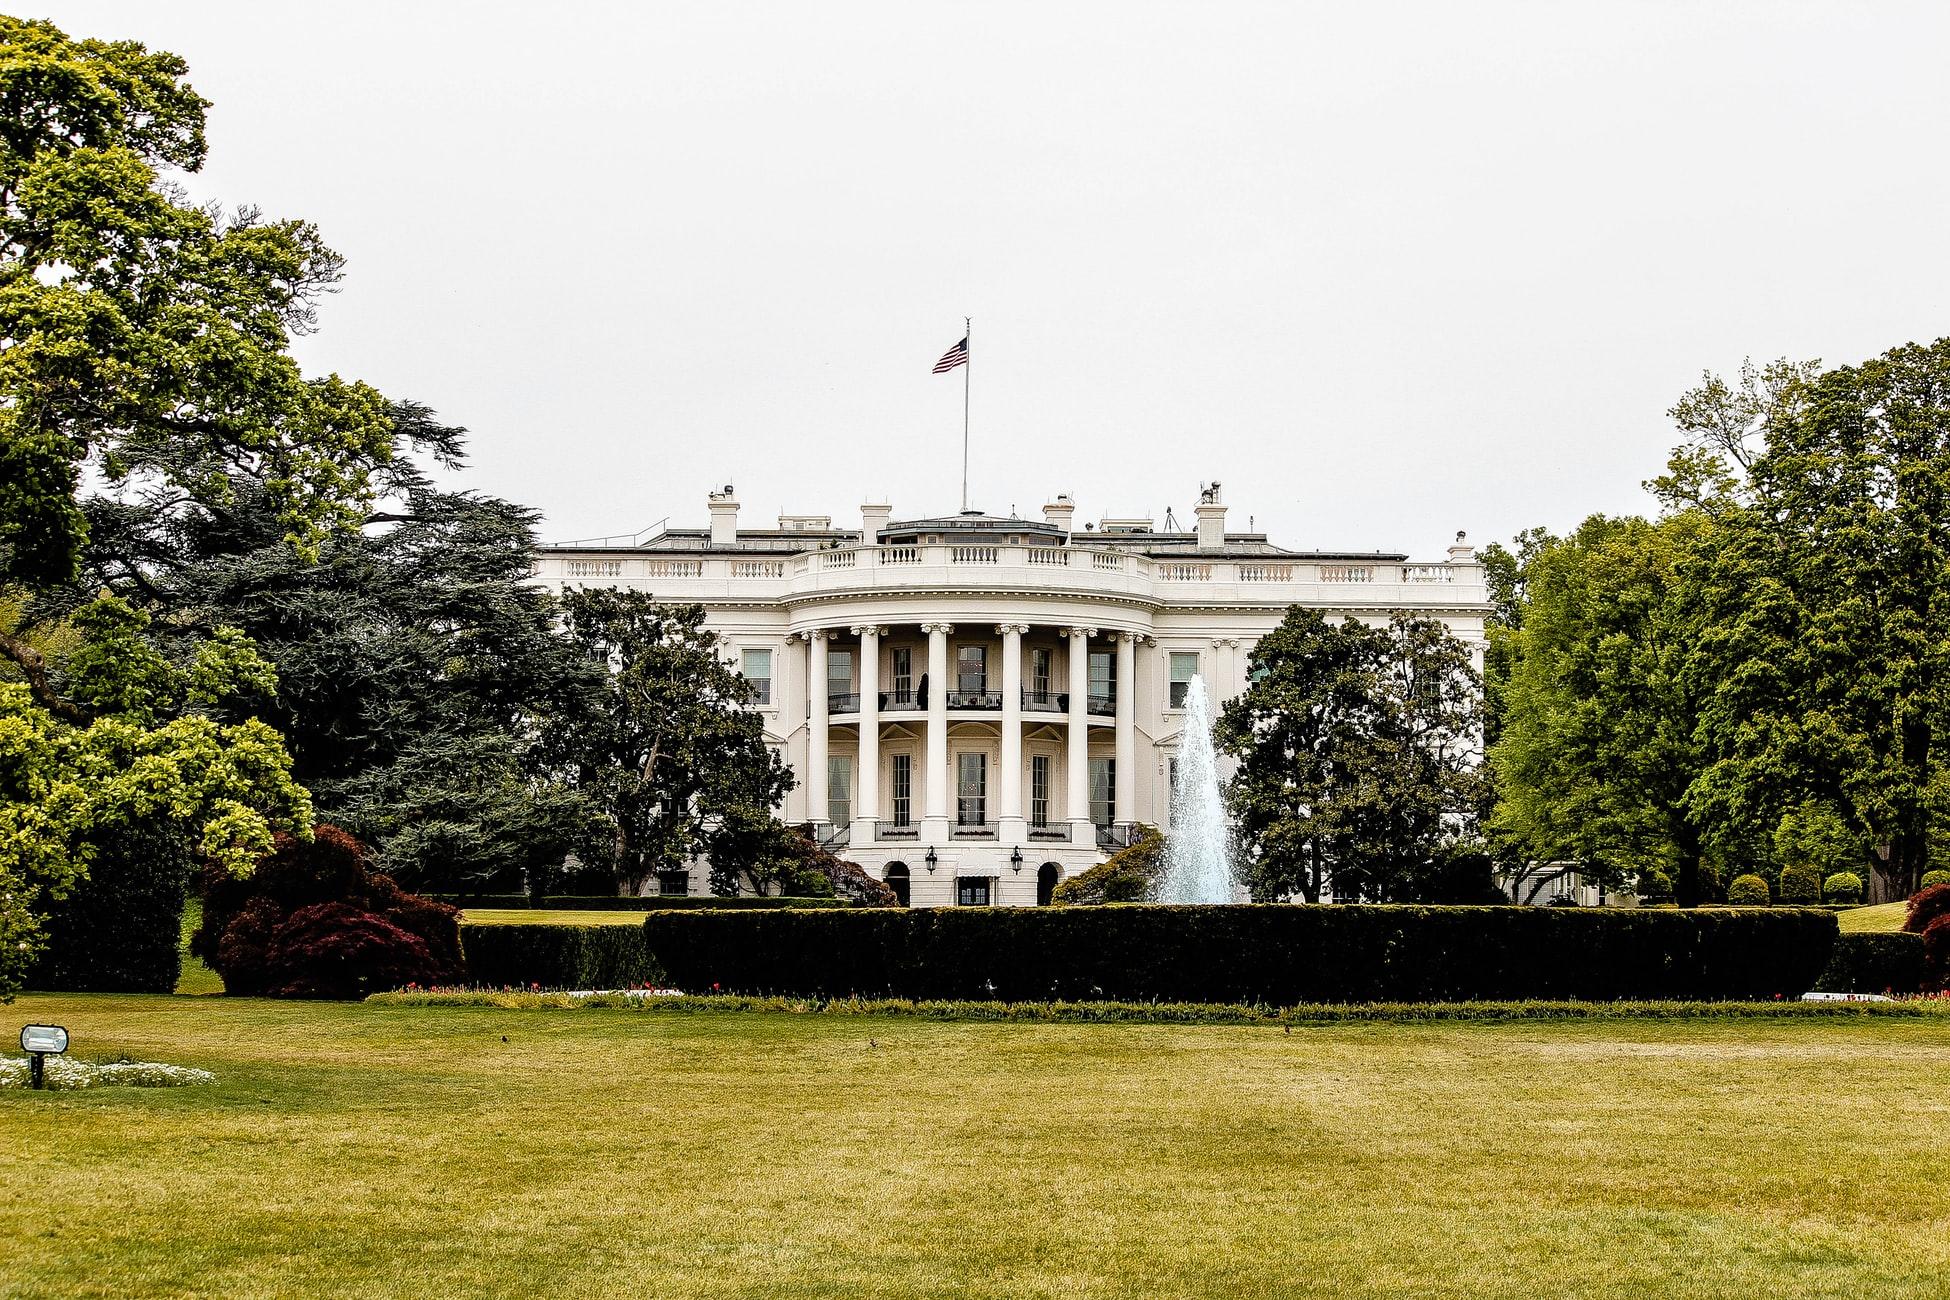 Make american building beautiful again?